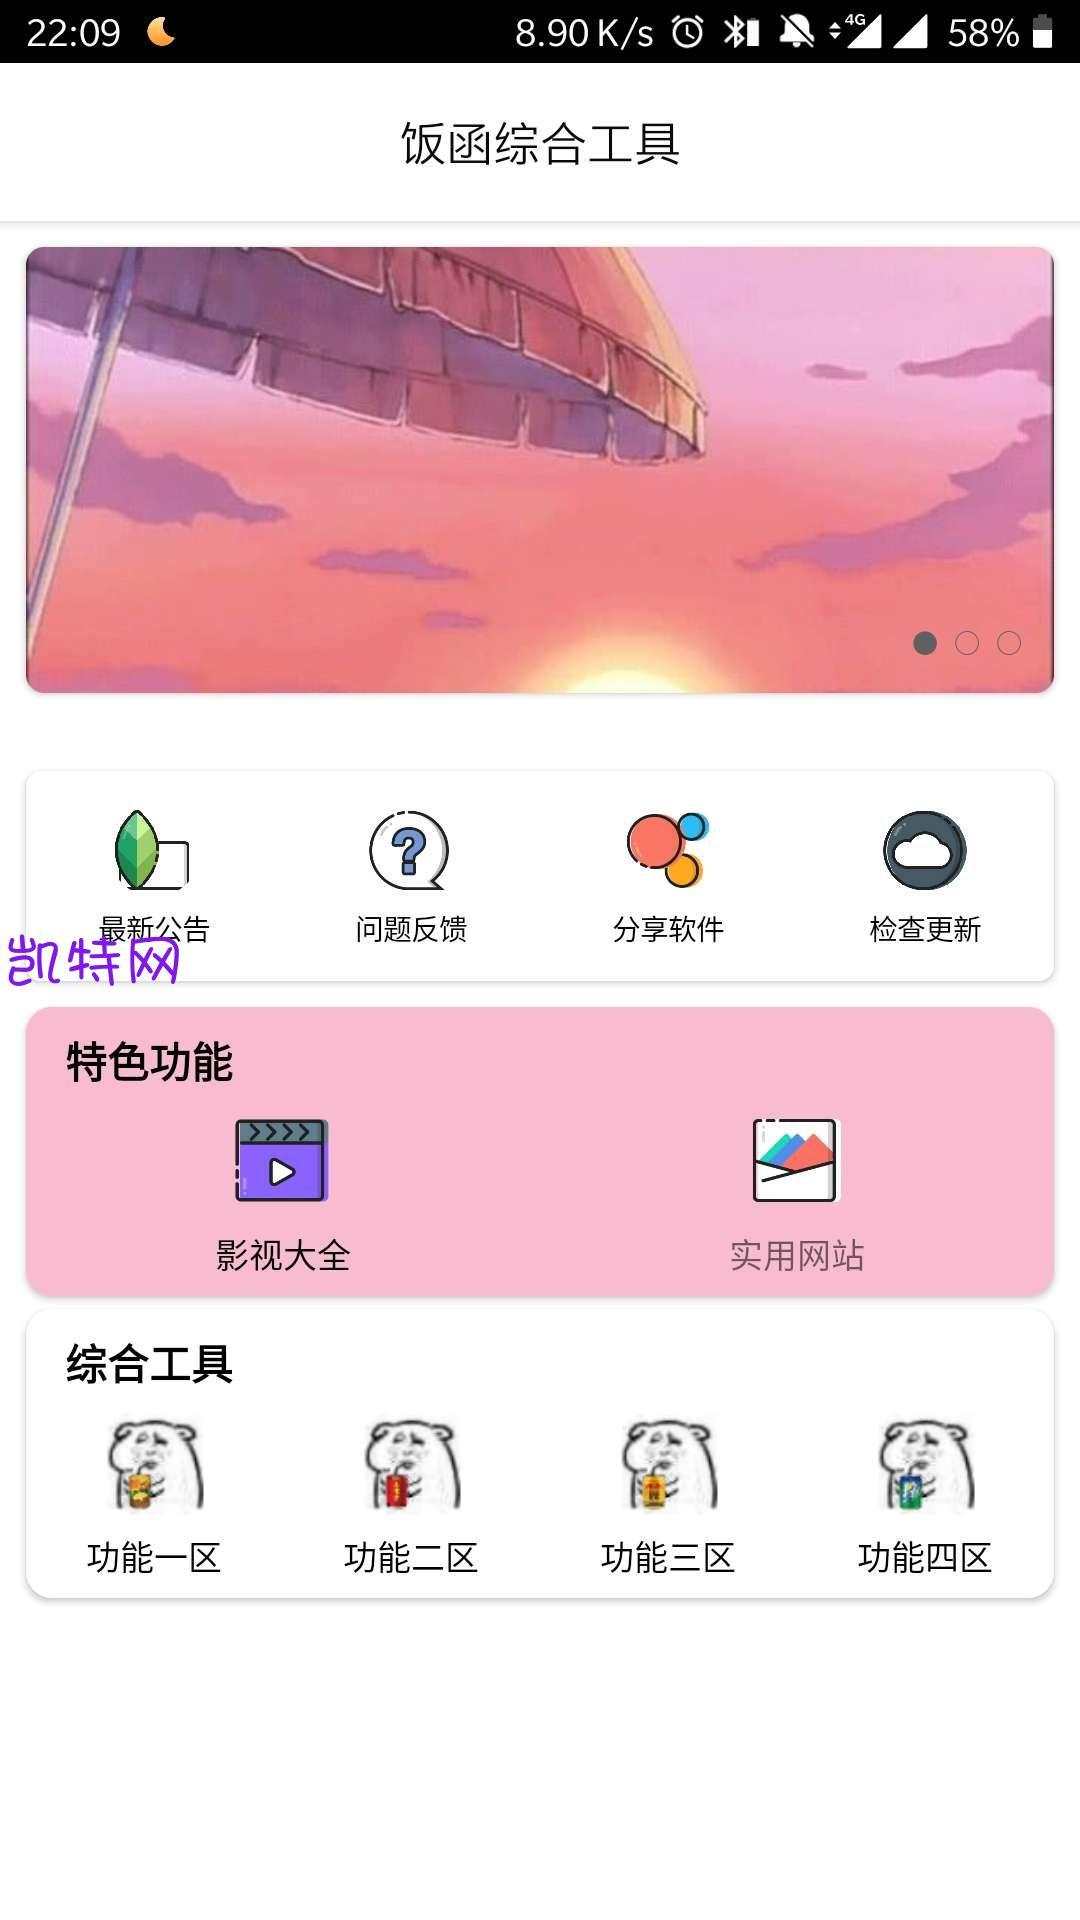 【分享】饭函工具箱 v2.0.0 (Android)